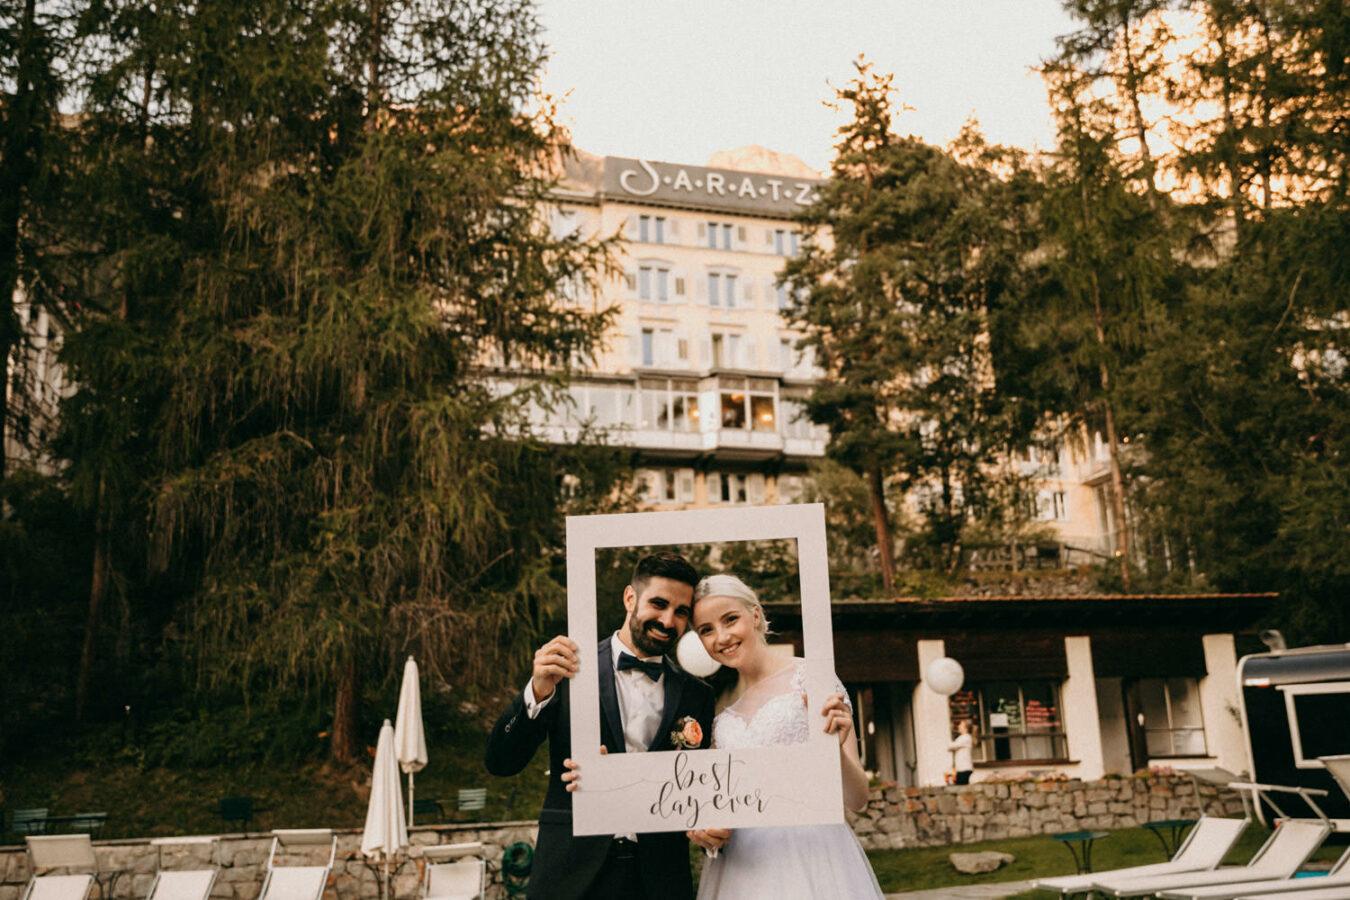 Hotel St. Moritz Hochzeit